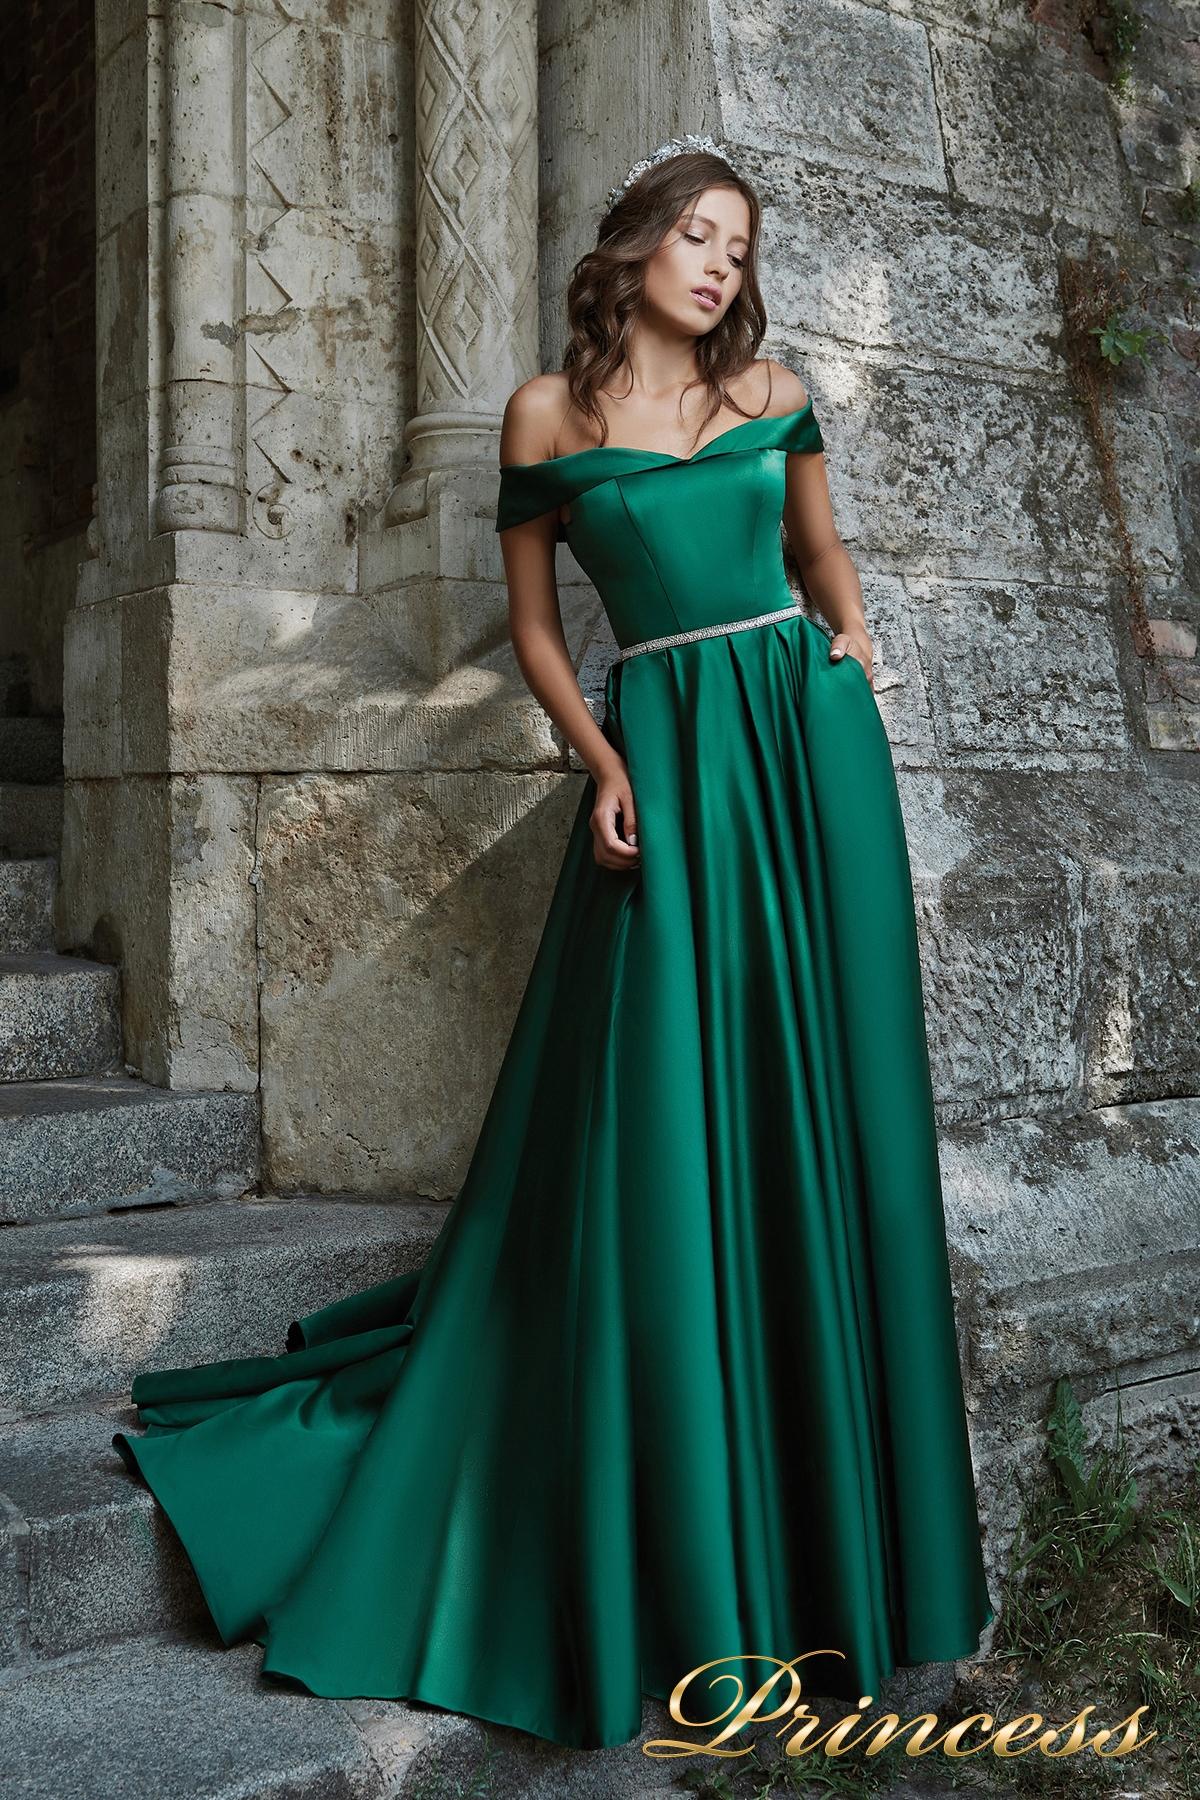 8df2f318aad Купить вечернее платье 29231 g зеленого цвета по цене 16500 руб. в ...